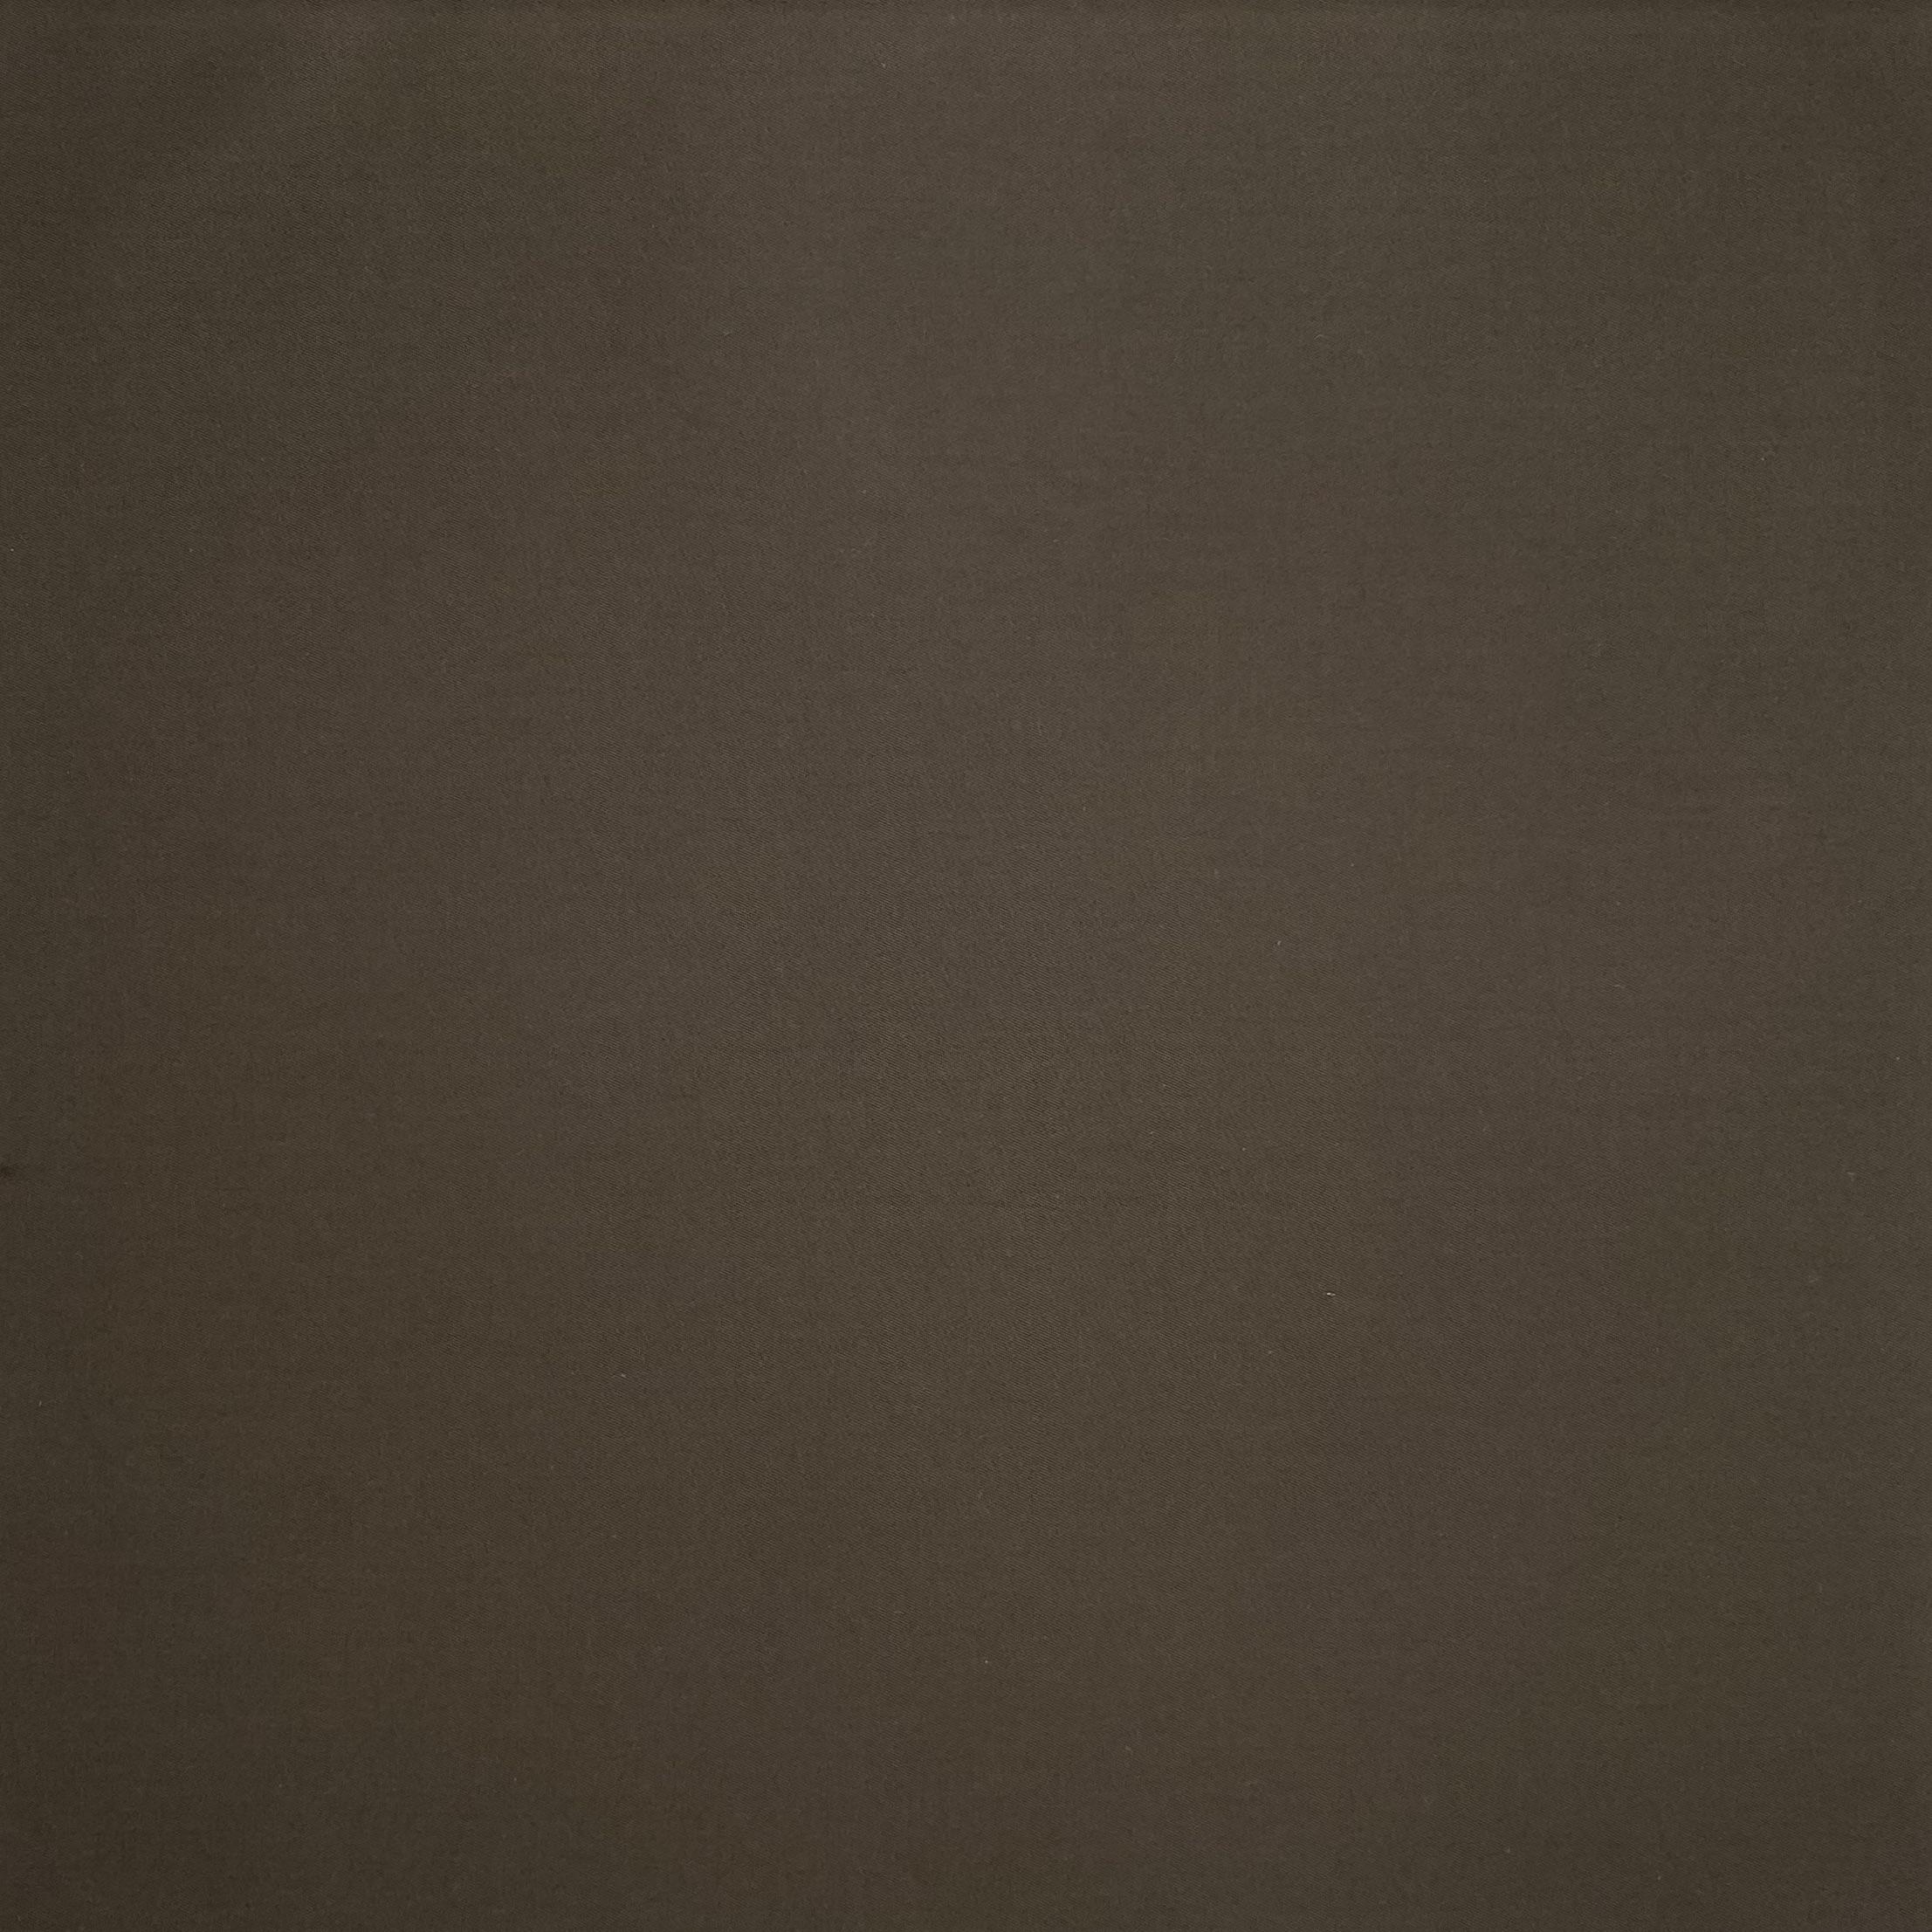 Cotton-Shakespear-Dark-Brown-1419